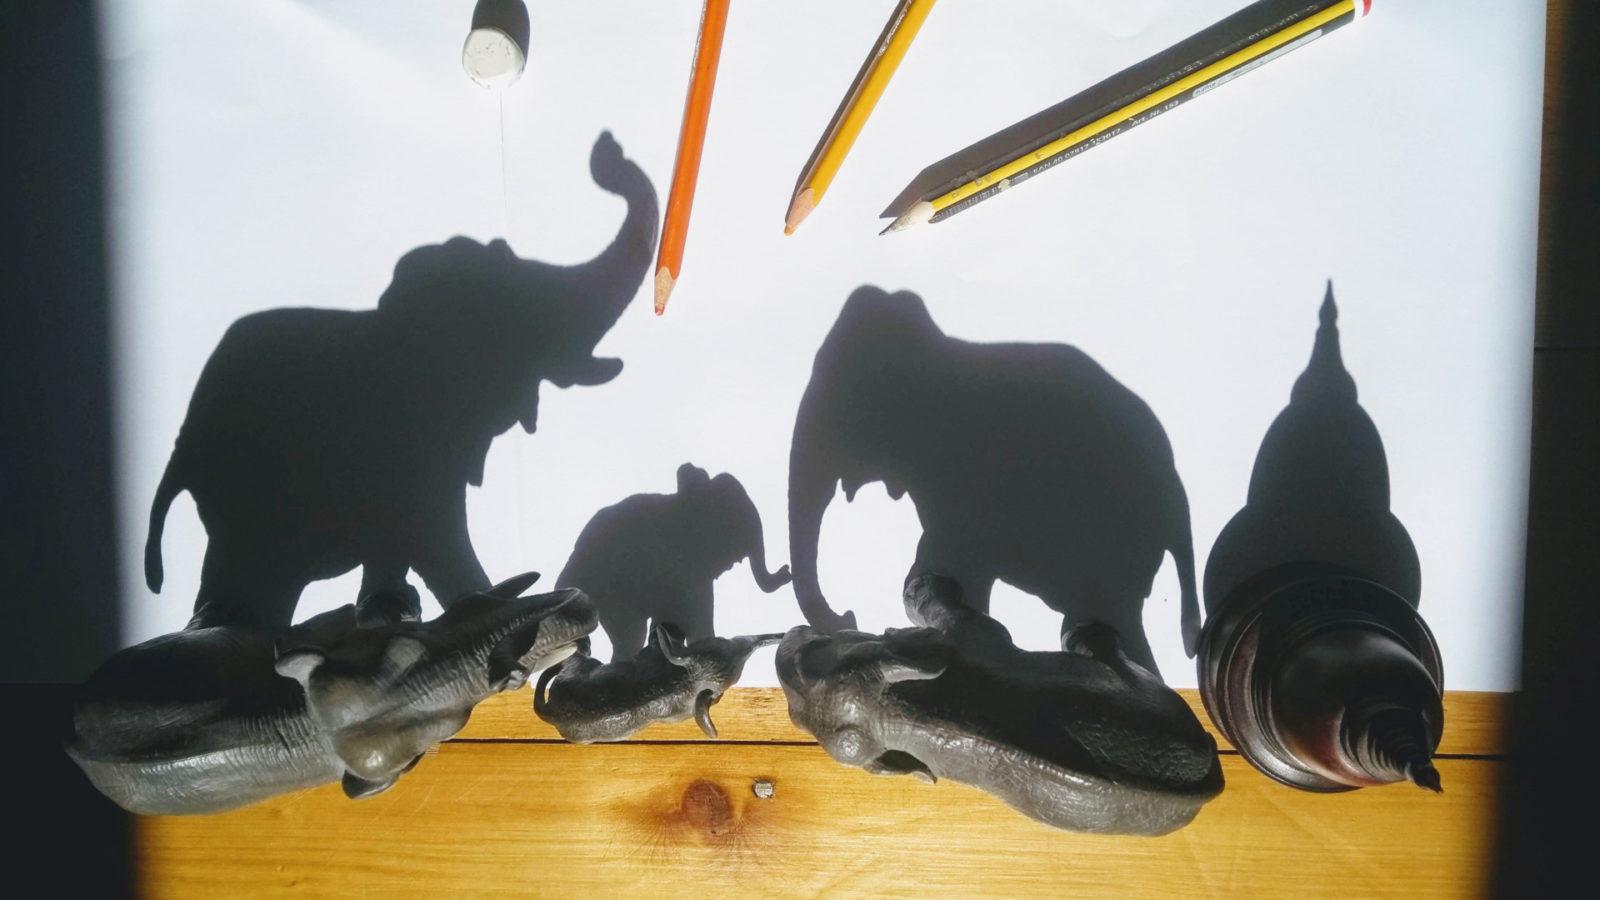 Das wird benötigt: Papier, Bleistift oder Buntstifte, kleine Figuren (Foto: Stephanie Pohl)